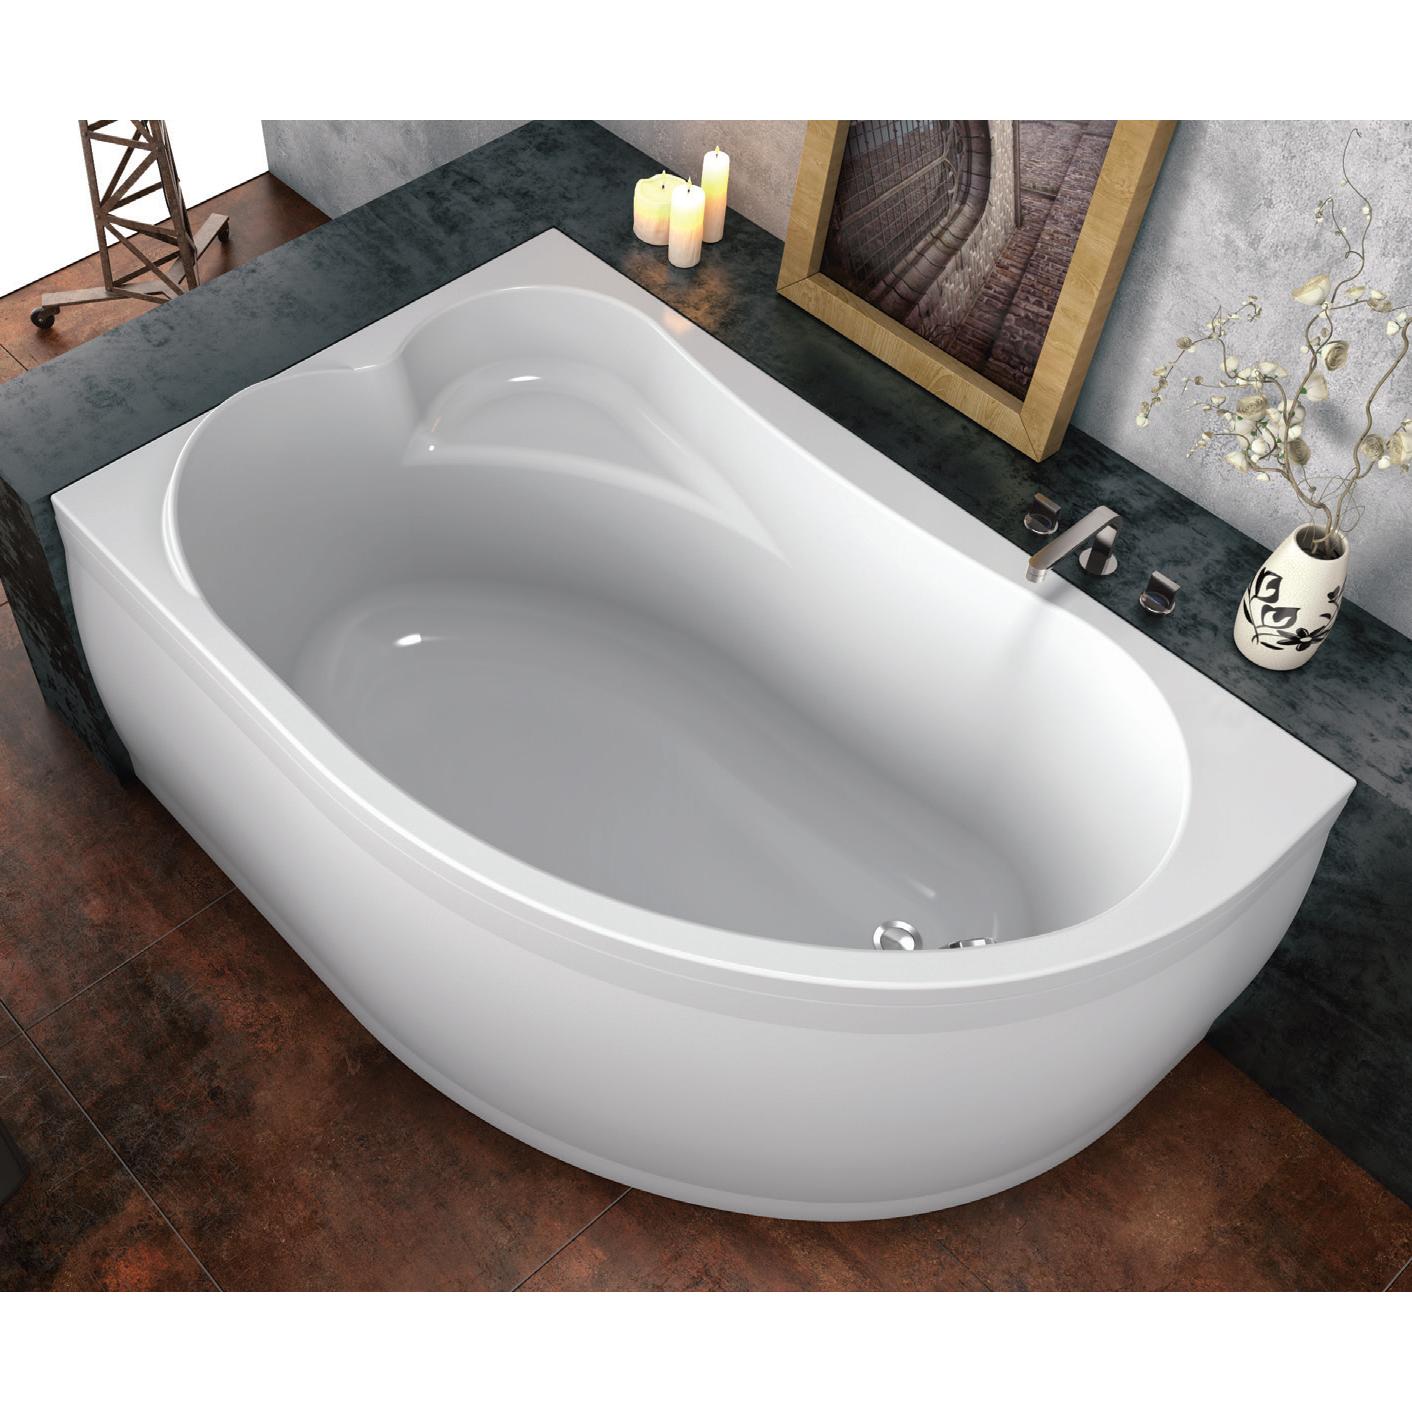 Акриловая ванна kolpa Voice Basis R акриловая ванна kolpa tamia 160x70 basis